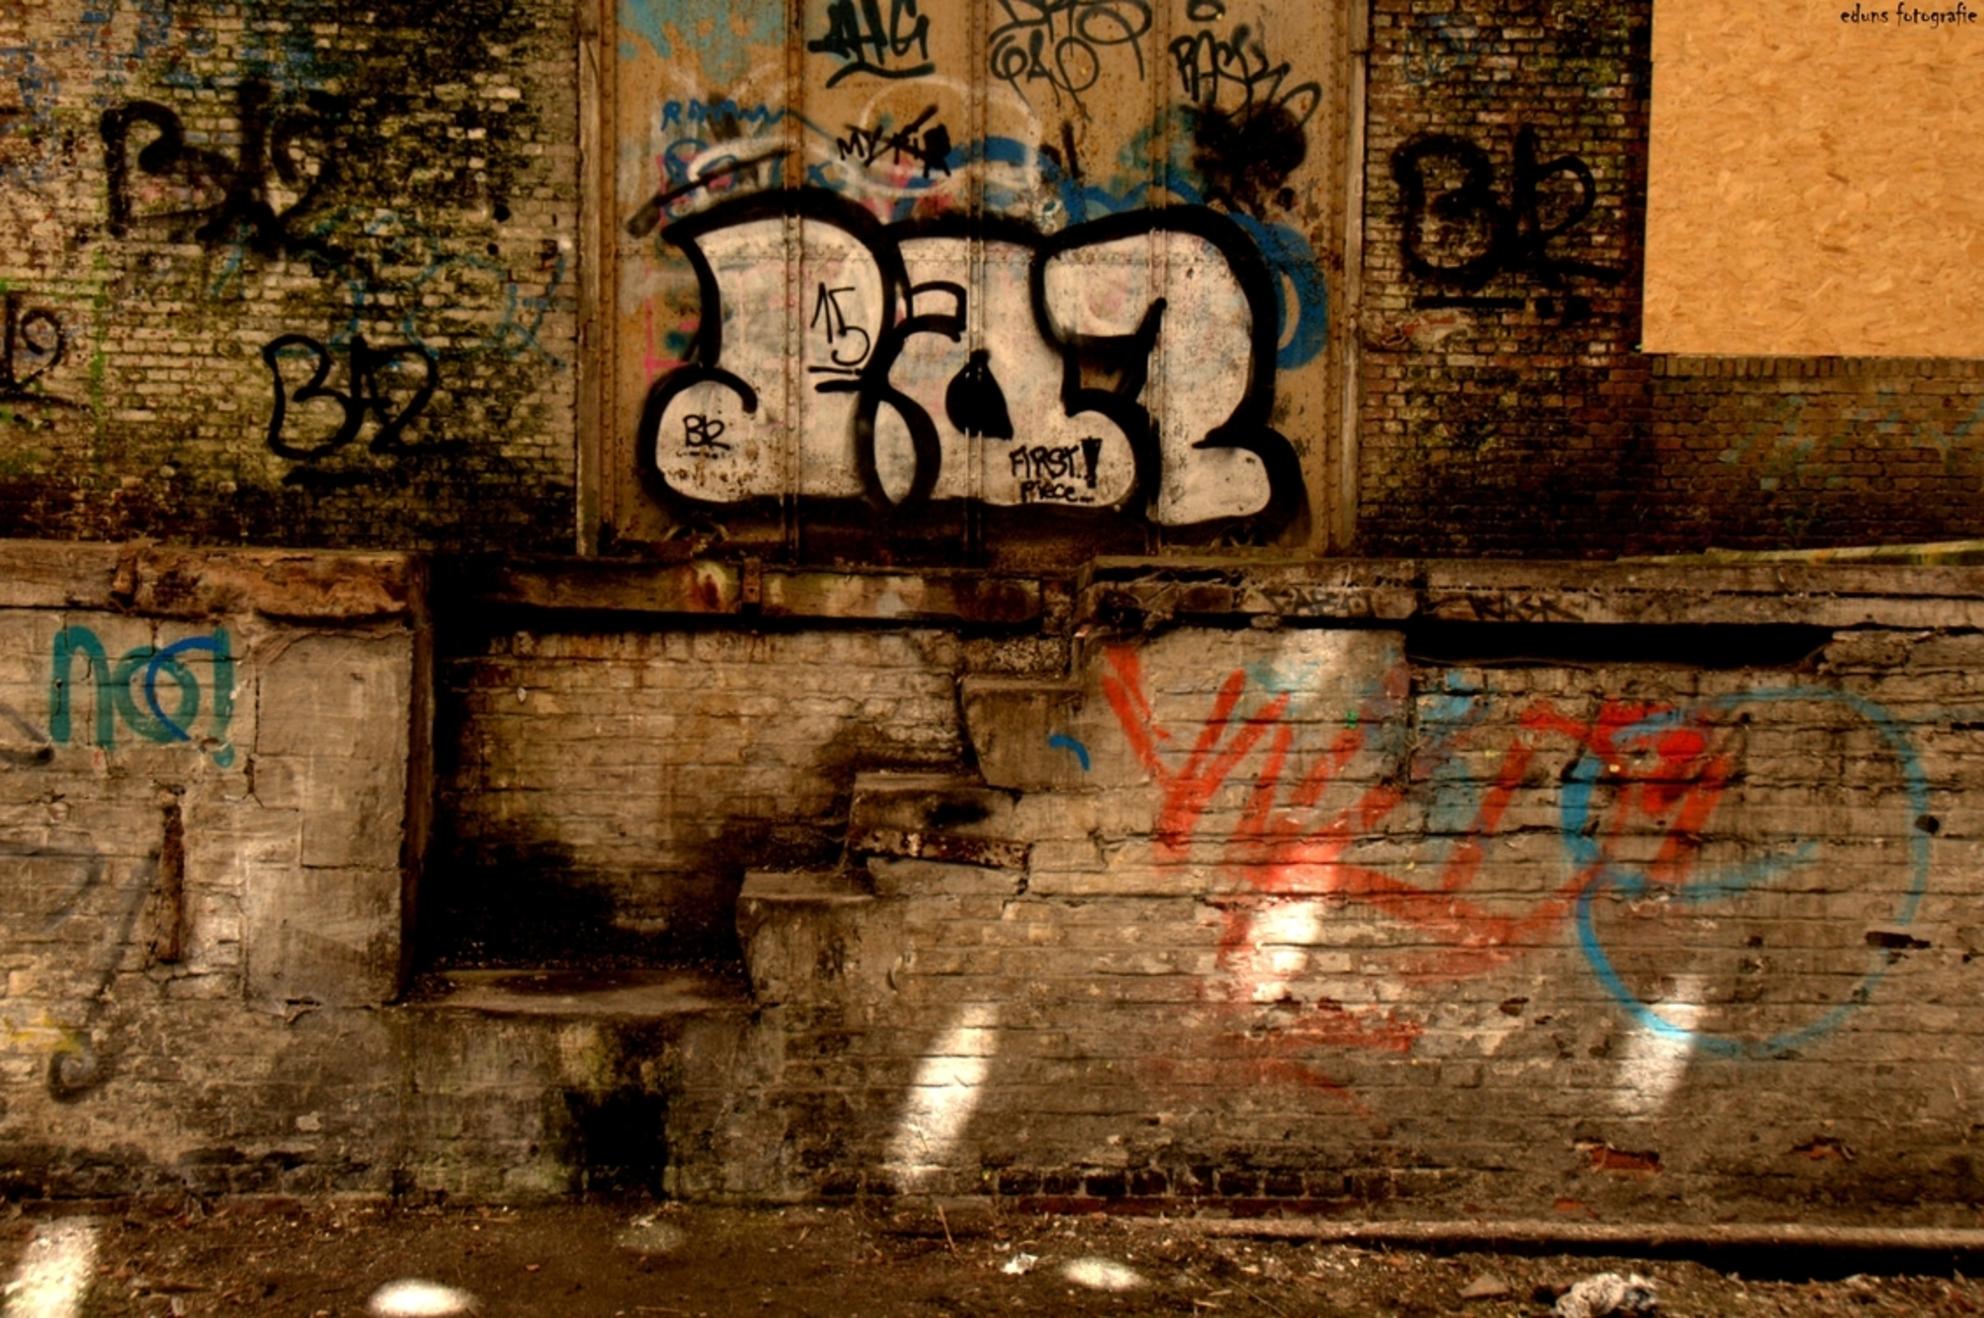 Trapje. - Opgepimpt met grafitty. - foto door edu-1 op 31-05-2016 - deze foto bevat: architectuur, belgie, verlaten, trapje, urbex, remise, urban exploring - Deze foto mag gebruikt worden in een Zoom.nl publicatie